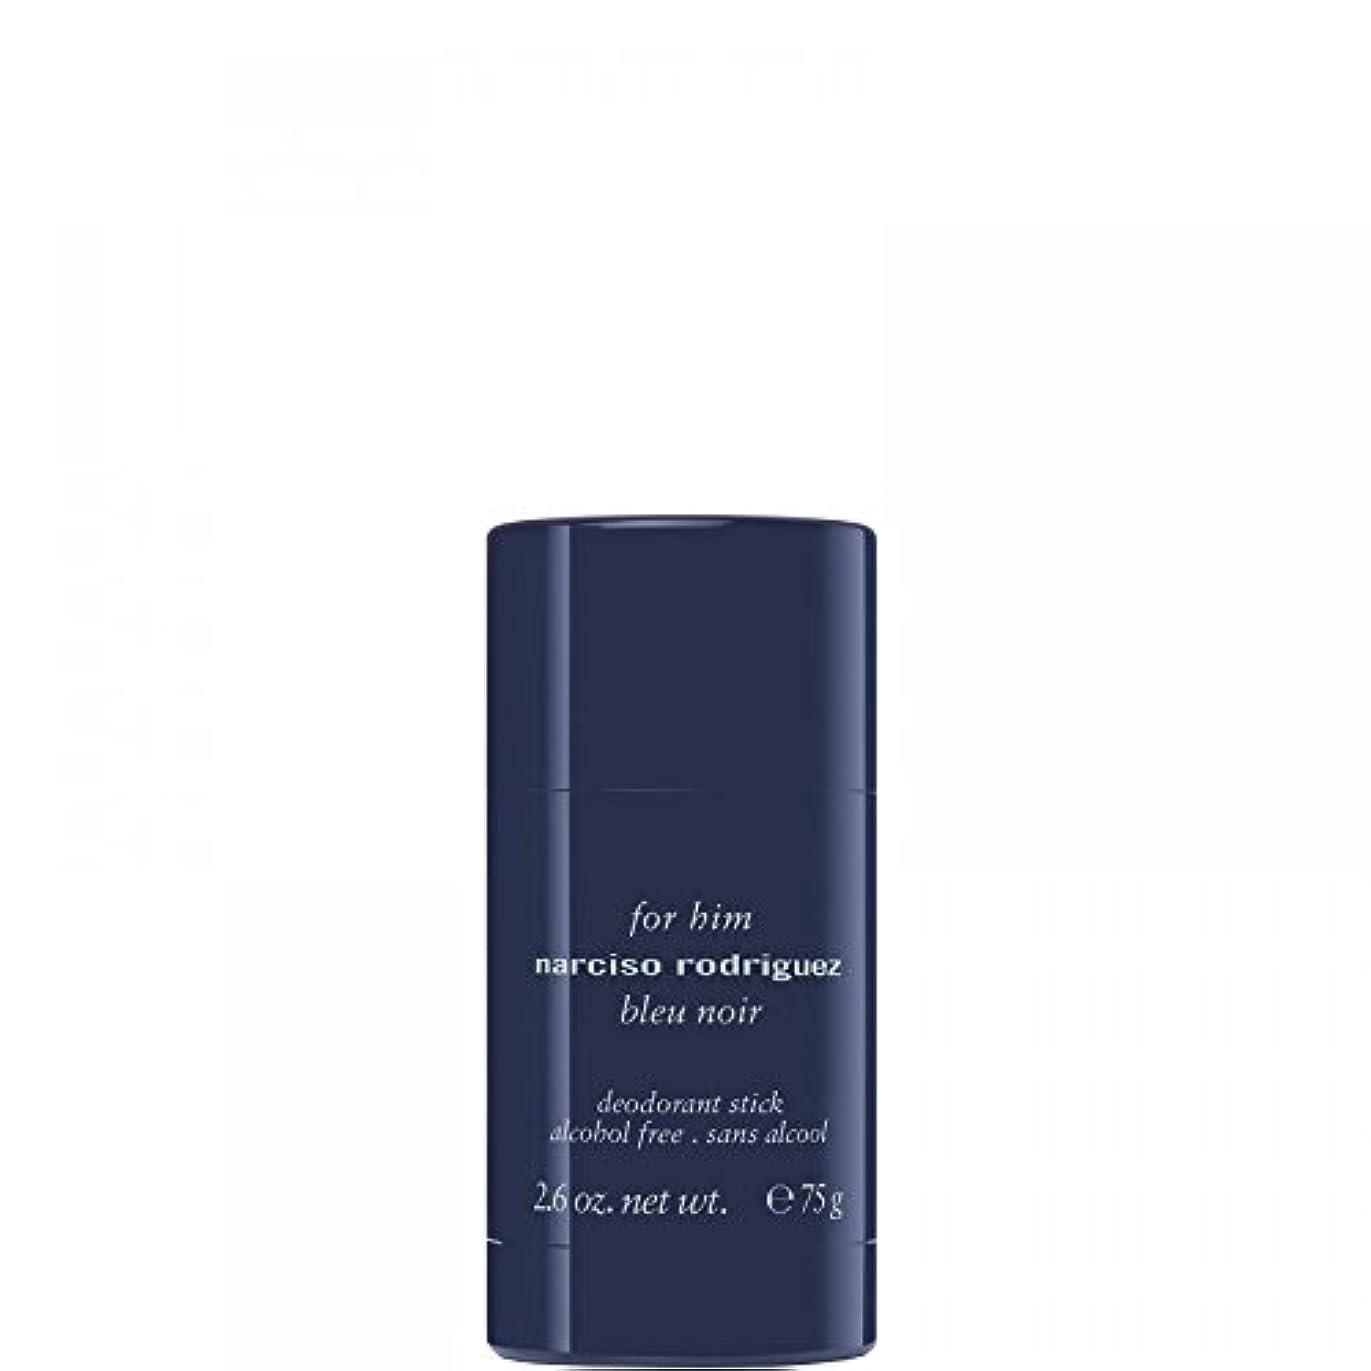 保安ジェームズダイソンベイビーナルシソロドリゲス For Him Bleu Noir Deodorant Stick 75g/2.6oz並行輸入品